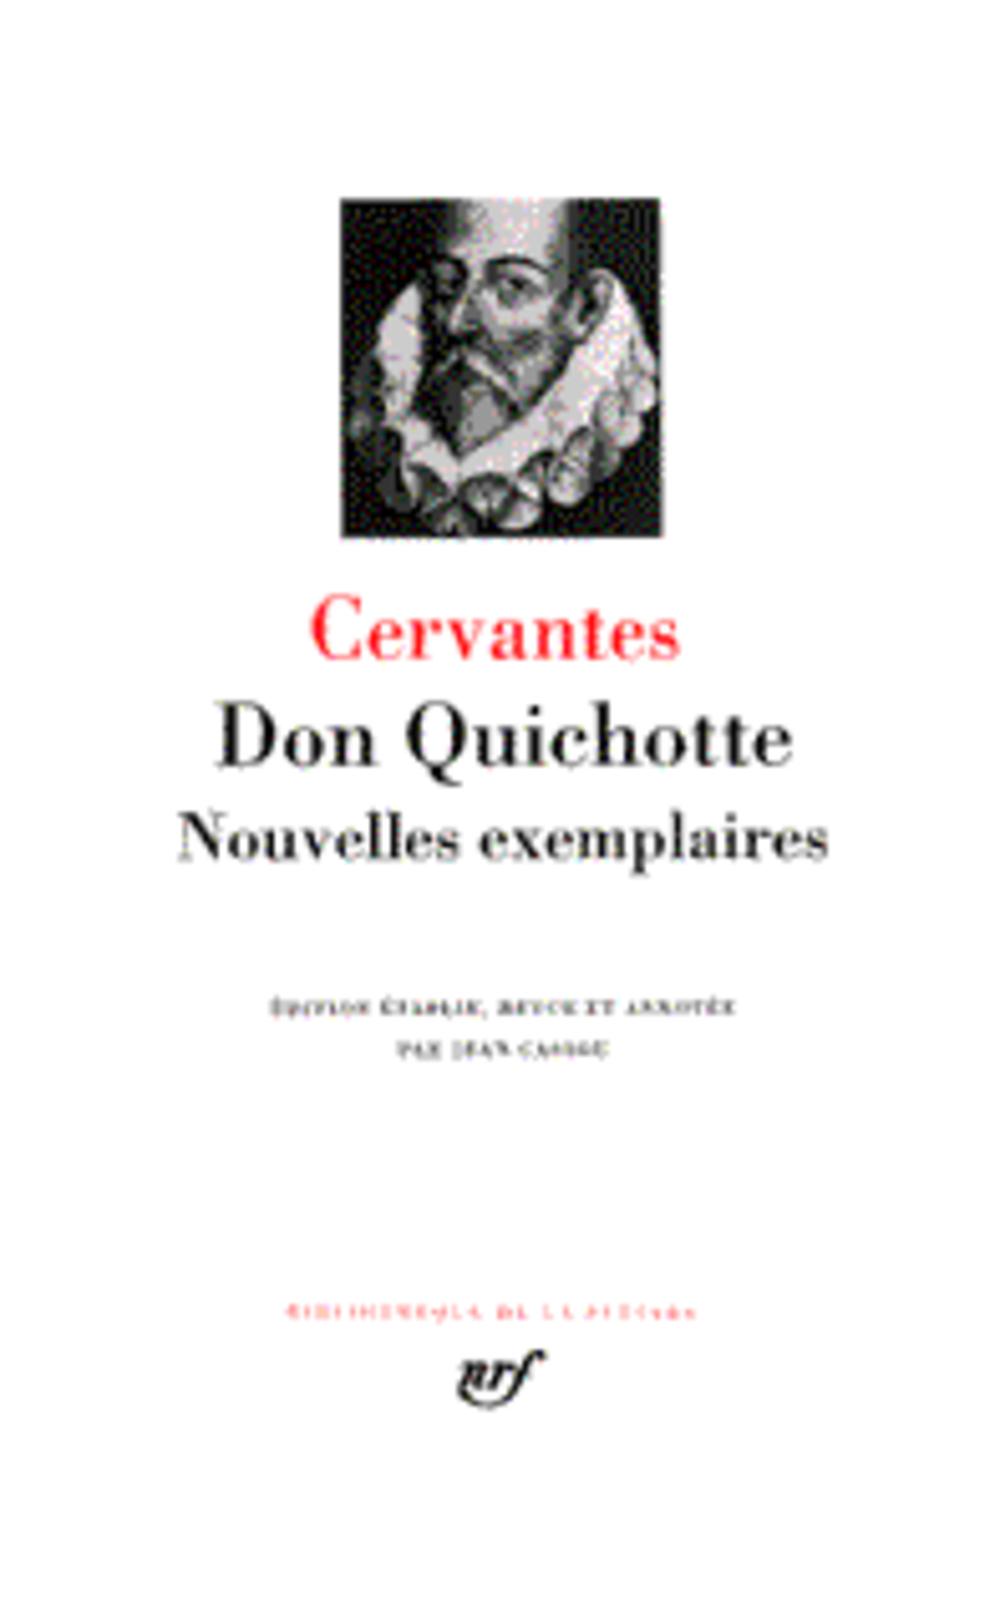 DON QUICHOTTE / NOUVELLES EXEMPLAIRES